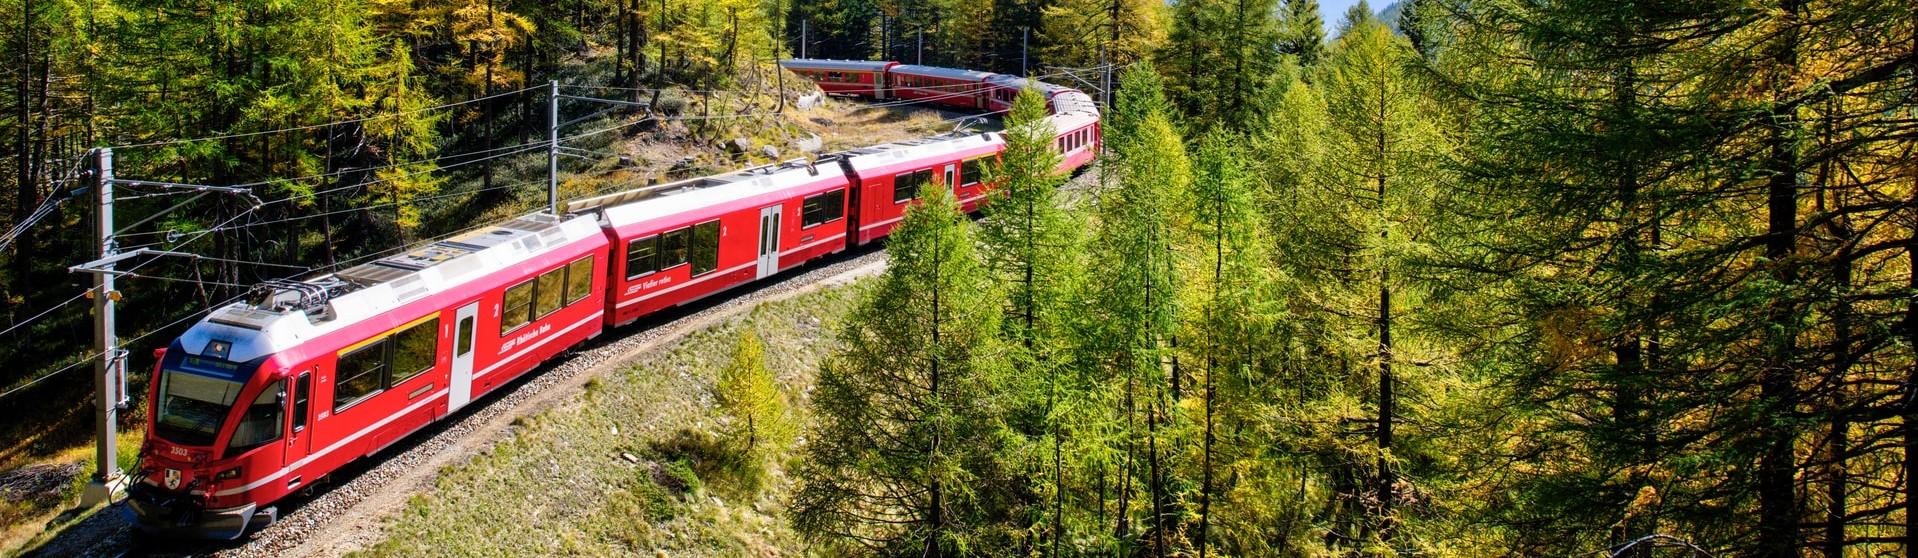 Rhätische Bahn - alpine Mobilität